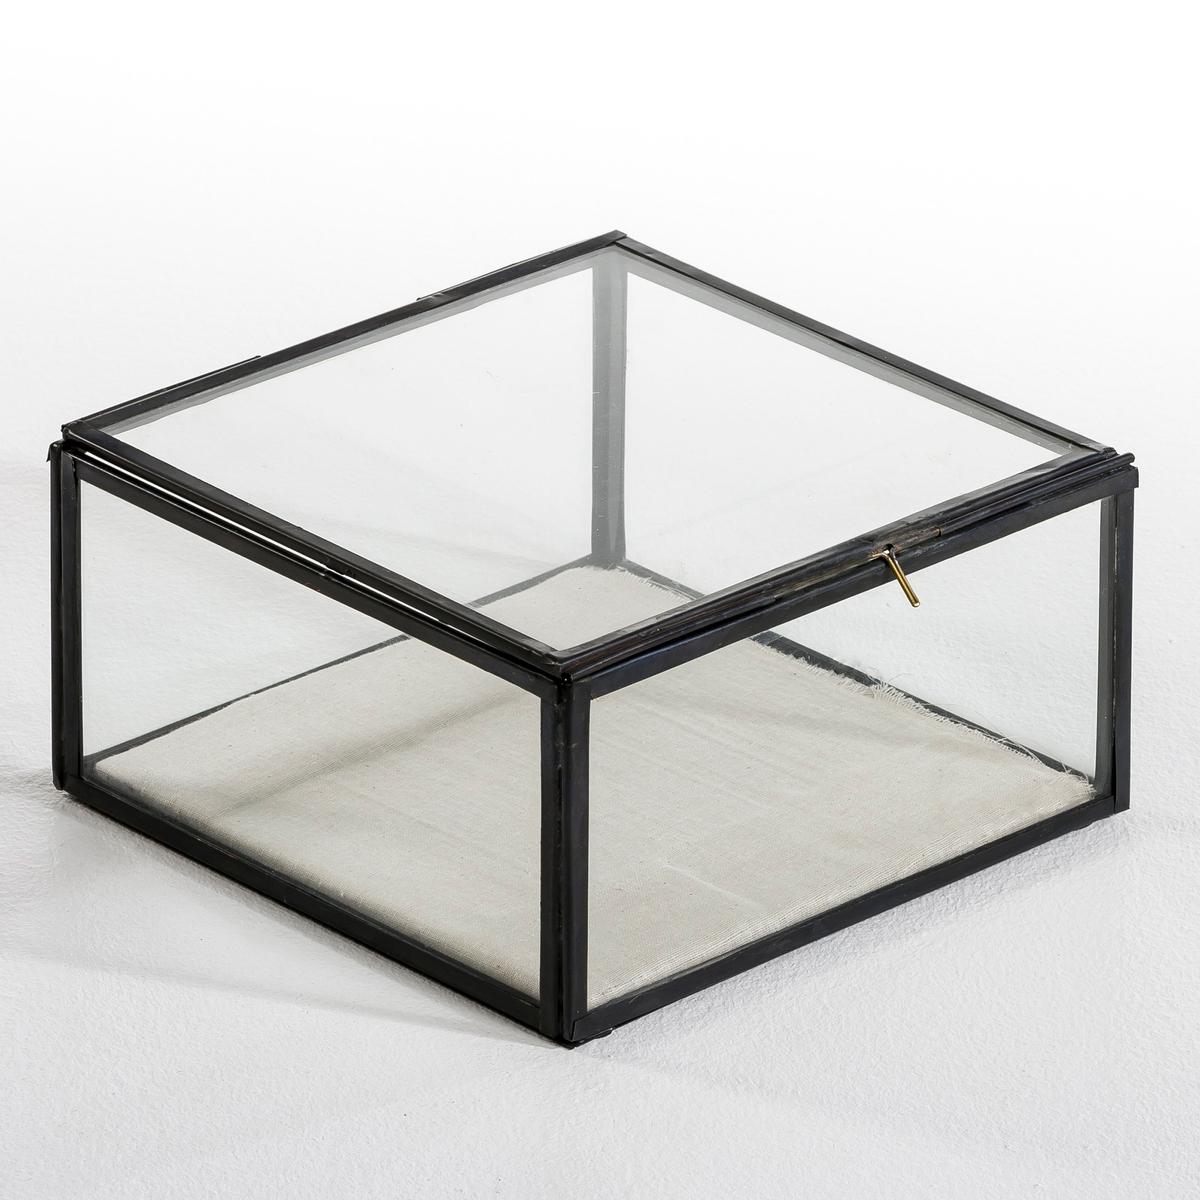 Коробка-витрина Misia, маленькая модельКоробка-витрина, Misia. Этот уникальный предмет декора позволит спрятать и, вместе с тем, выставить на всеобщее обозрение самые важные вещи и украшения. Изготовлена и собрана вручную. Уникальный аксессуар, который сделает декор комнаты неповторимым.Характеристики: Из стекла и металла Размеры :Д. 20 x В. 10,5 x Г. 20 см.<br><br>Цвет: металл,черный